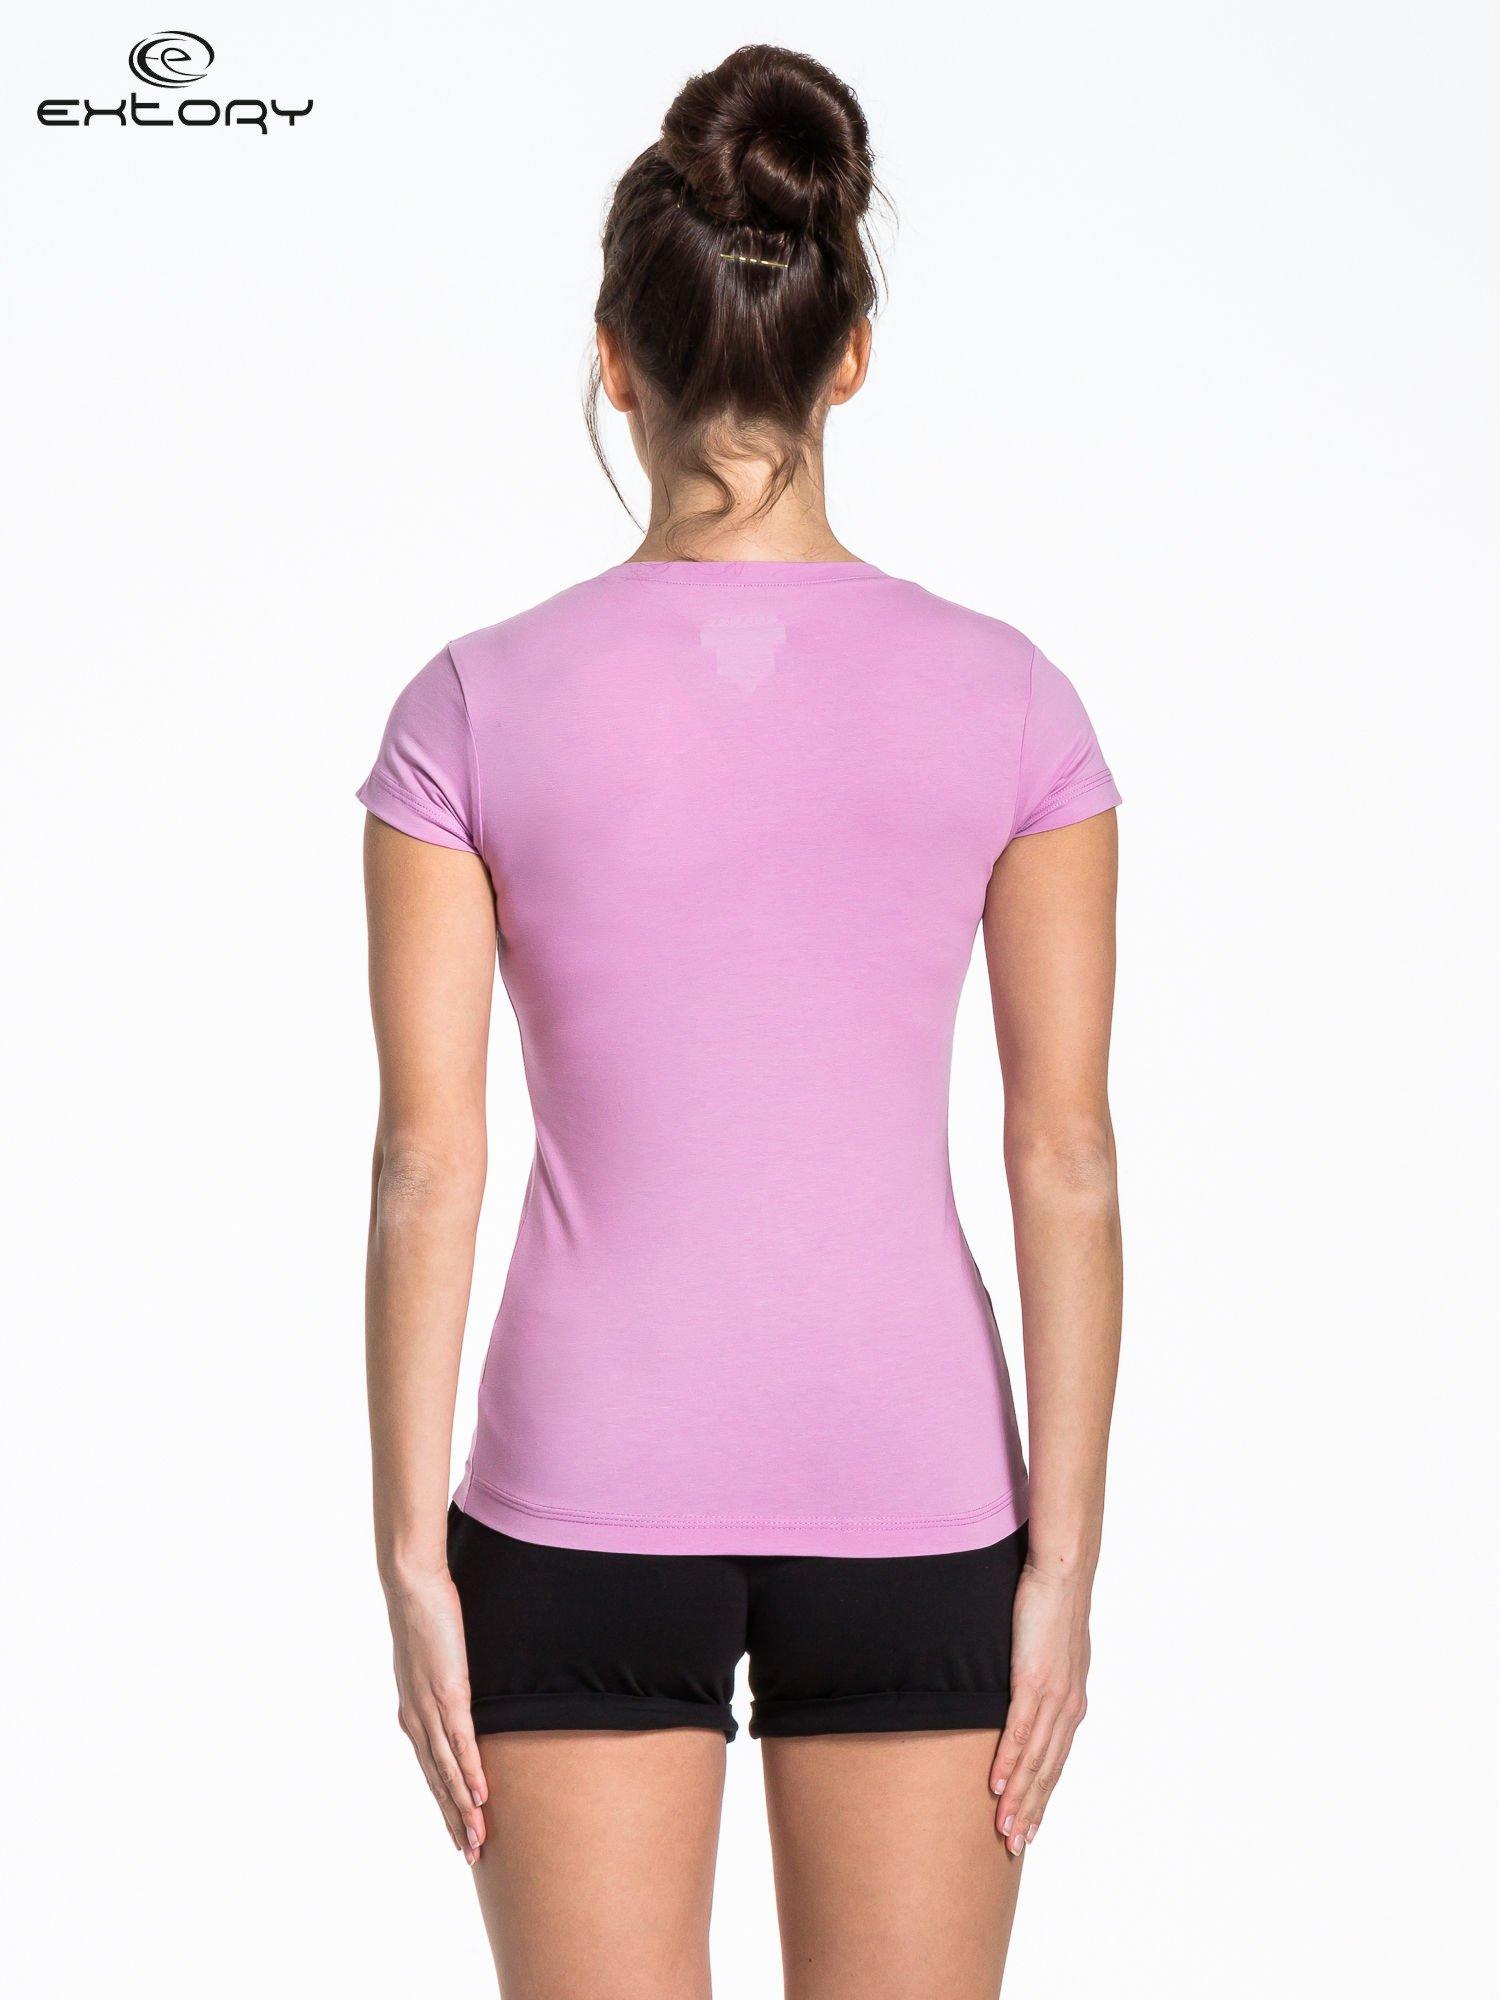 Jasnofioletowy sportowy t-shirt z dekoltem U                                  zdj.                                  2